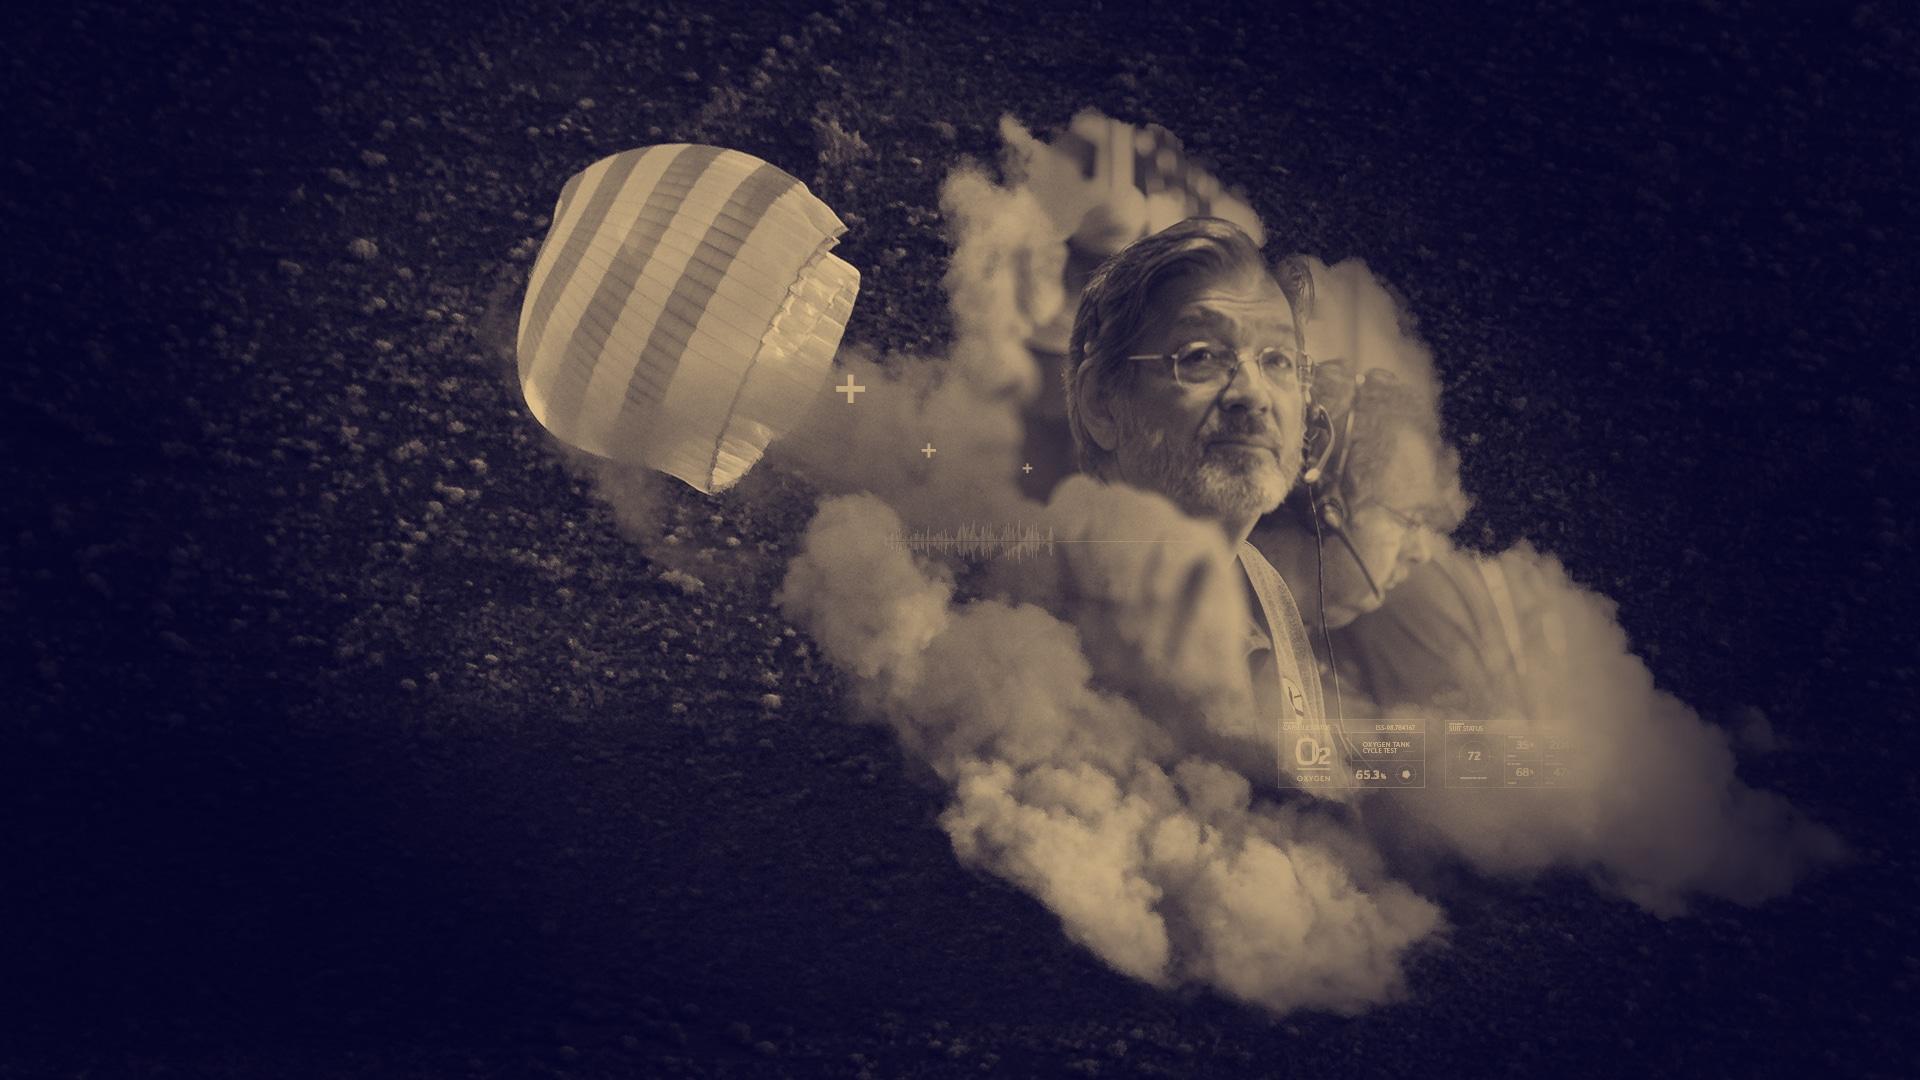 Ingénieur de la nasa pensif dans un nuage de fumée et un parachute en double exposition avec des illustrations techniques